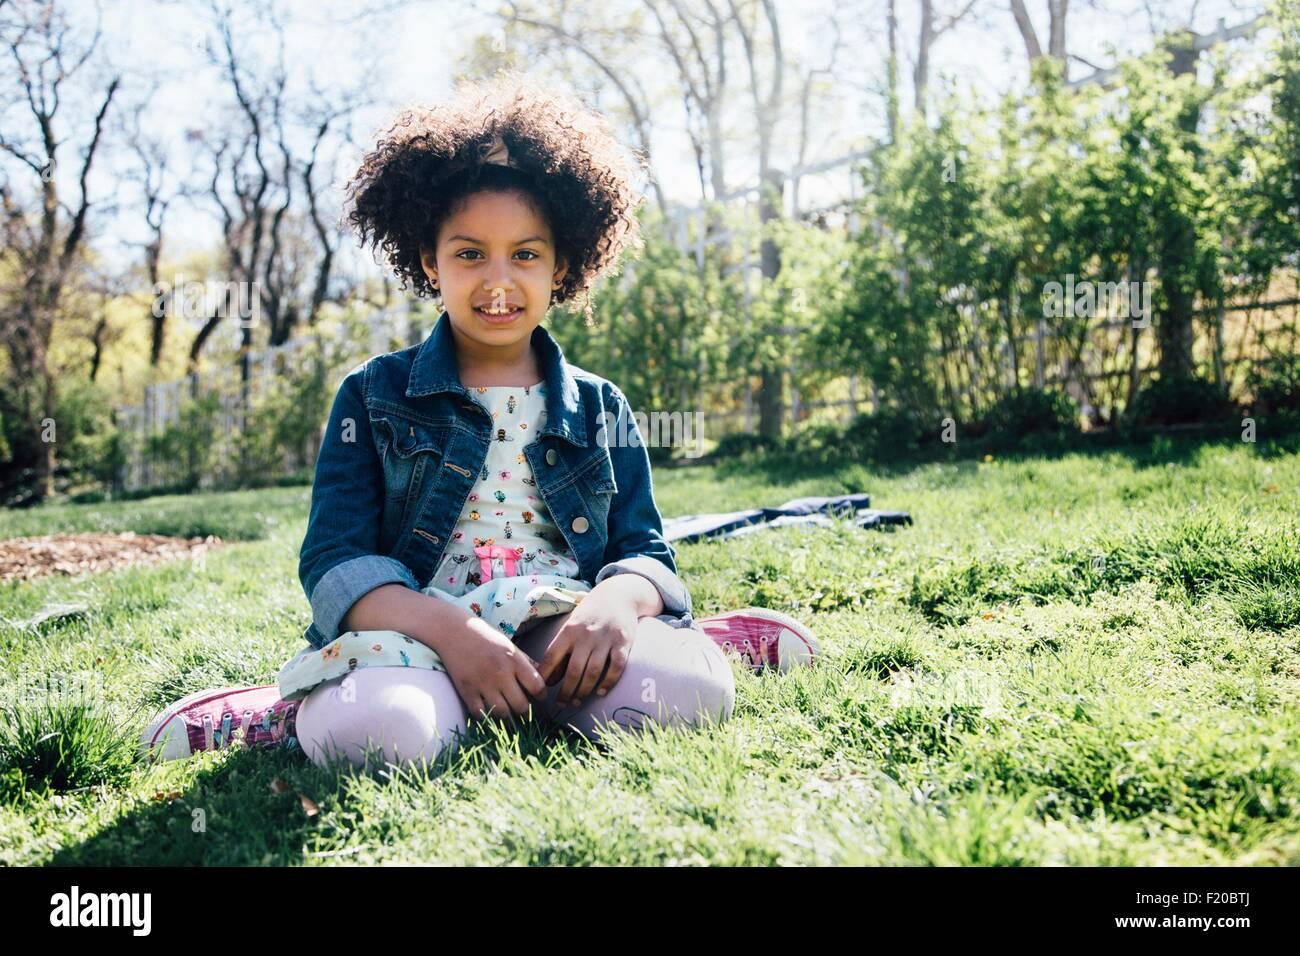 Vorderansicht der Mädchen sitzen auf dem Rasen, Blick in die Kamera Stockbild